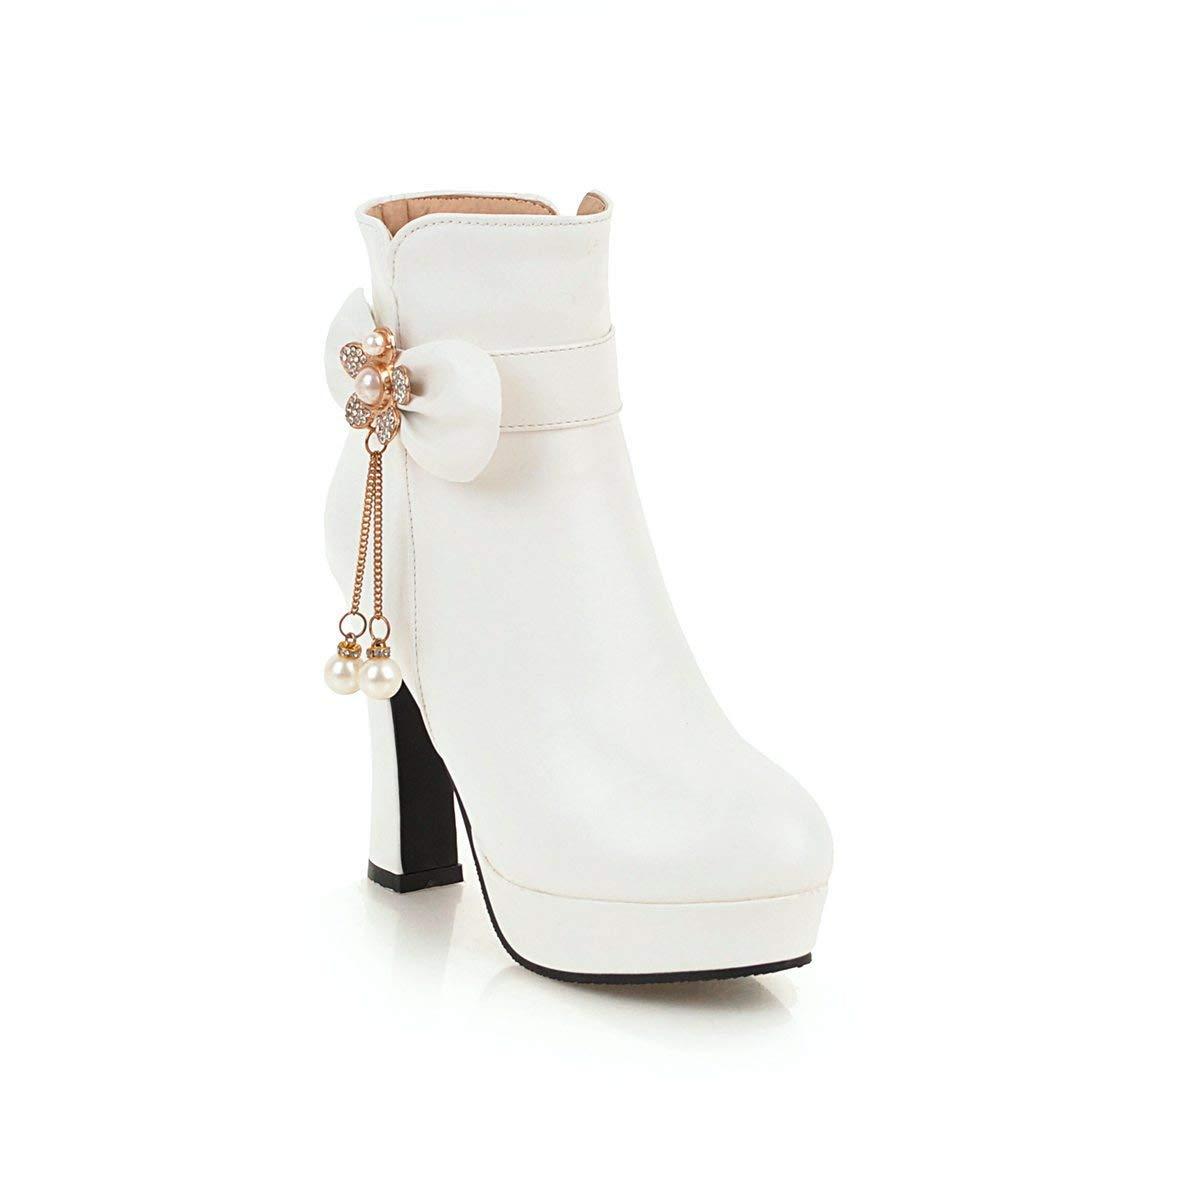 Hy 2018 Damenschuhe Herbst Winter Martins Stiefel Damen Strass Bowknot Super High Heel Stiefelies Stiefeletten Mode Stiefel Weiß Schwarz Rosa (Farbe   Weiß Größe   35)